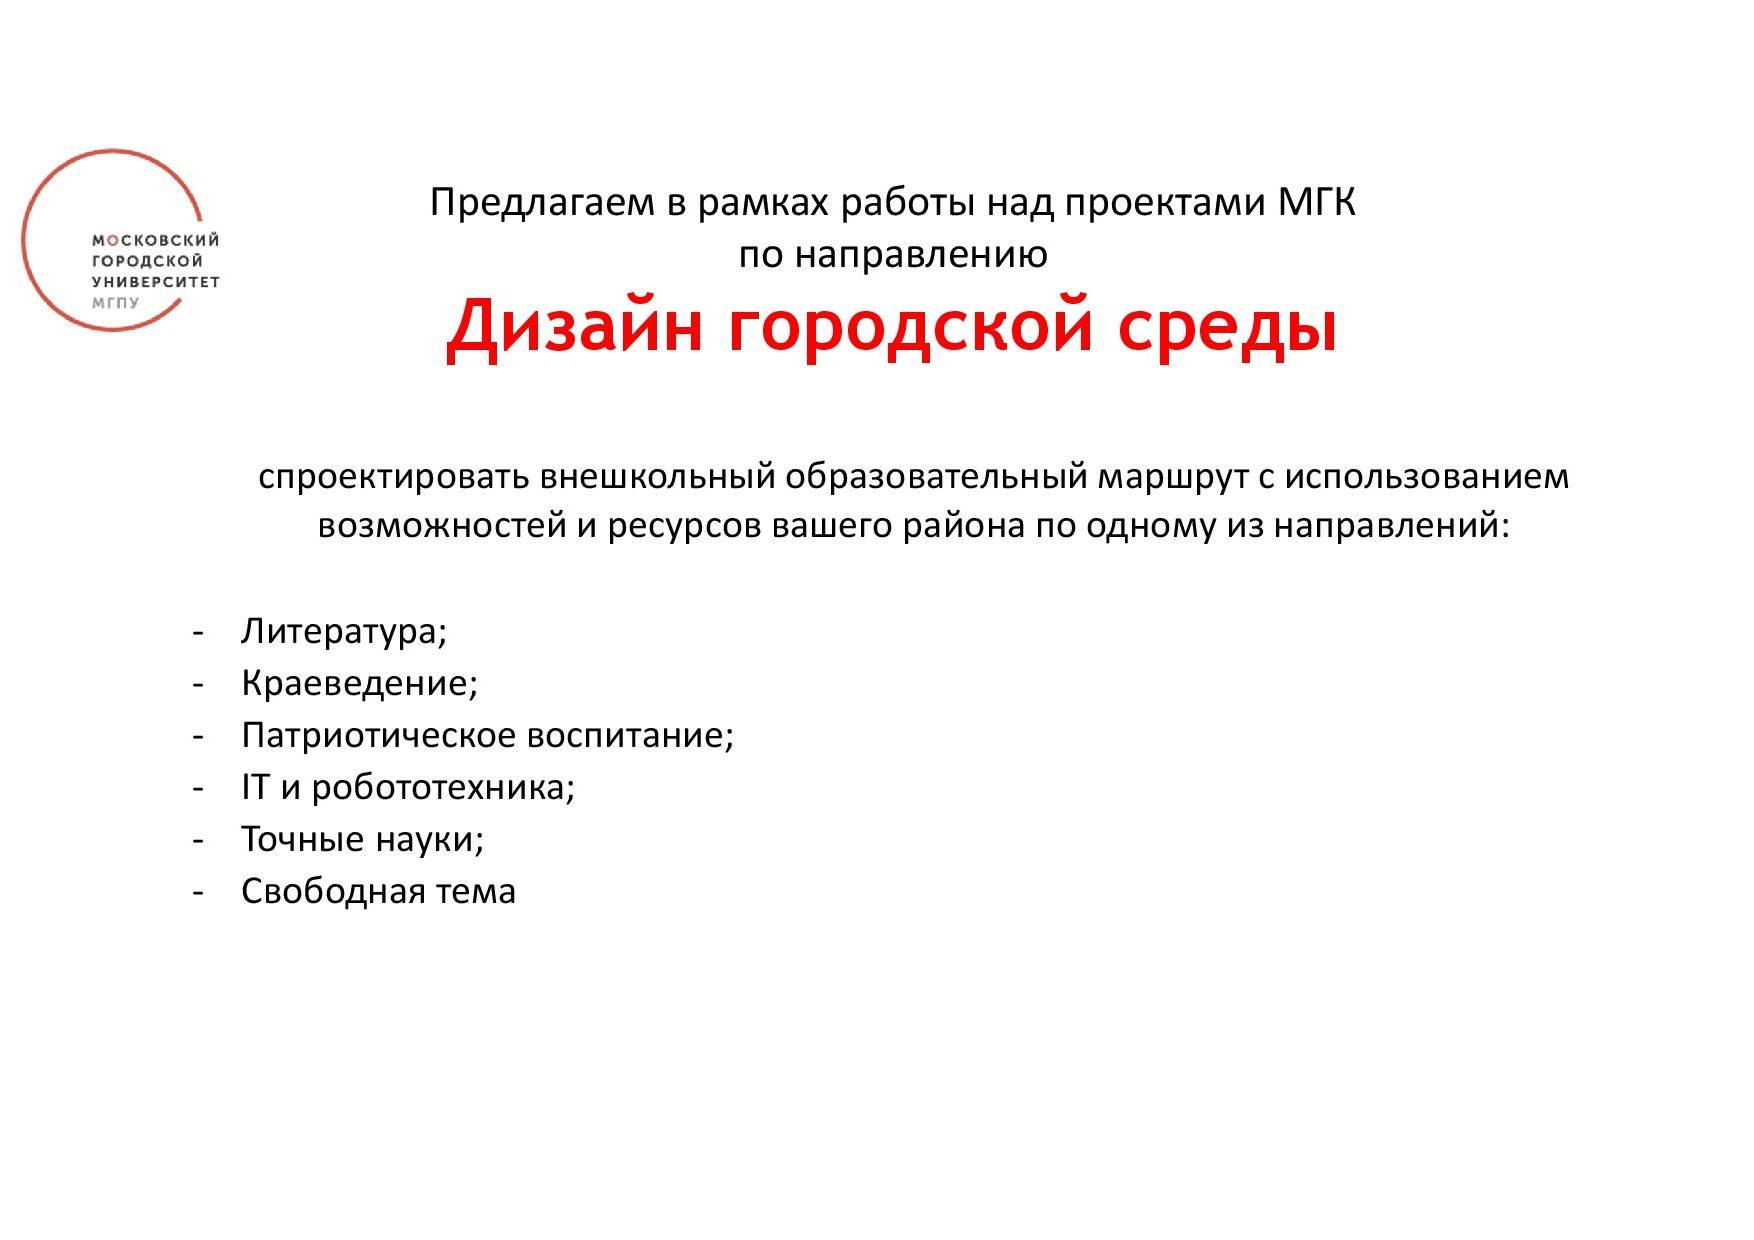 Презентация на МГК -Иванова ЕВ-031